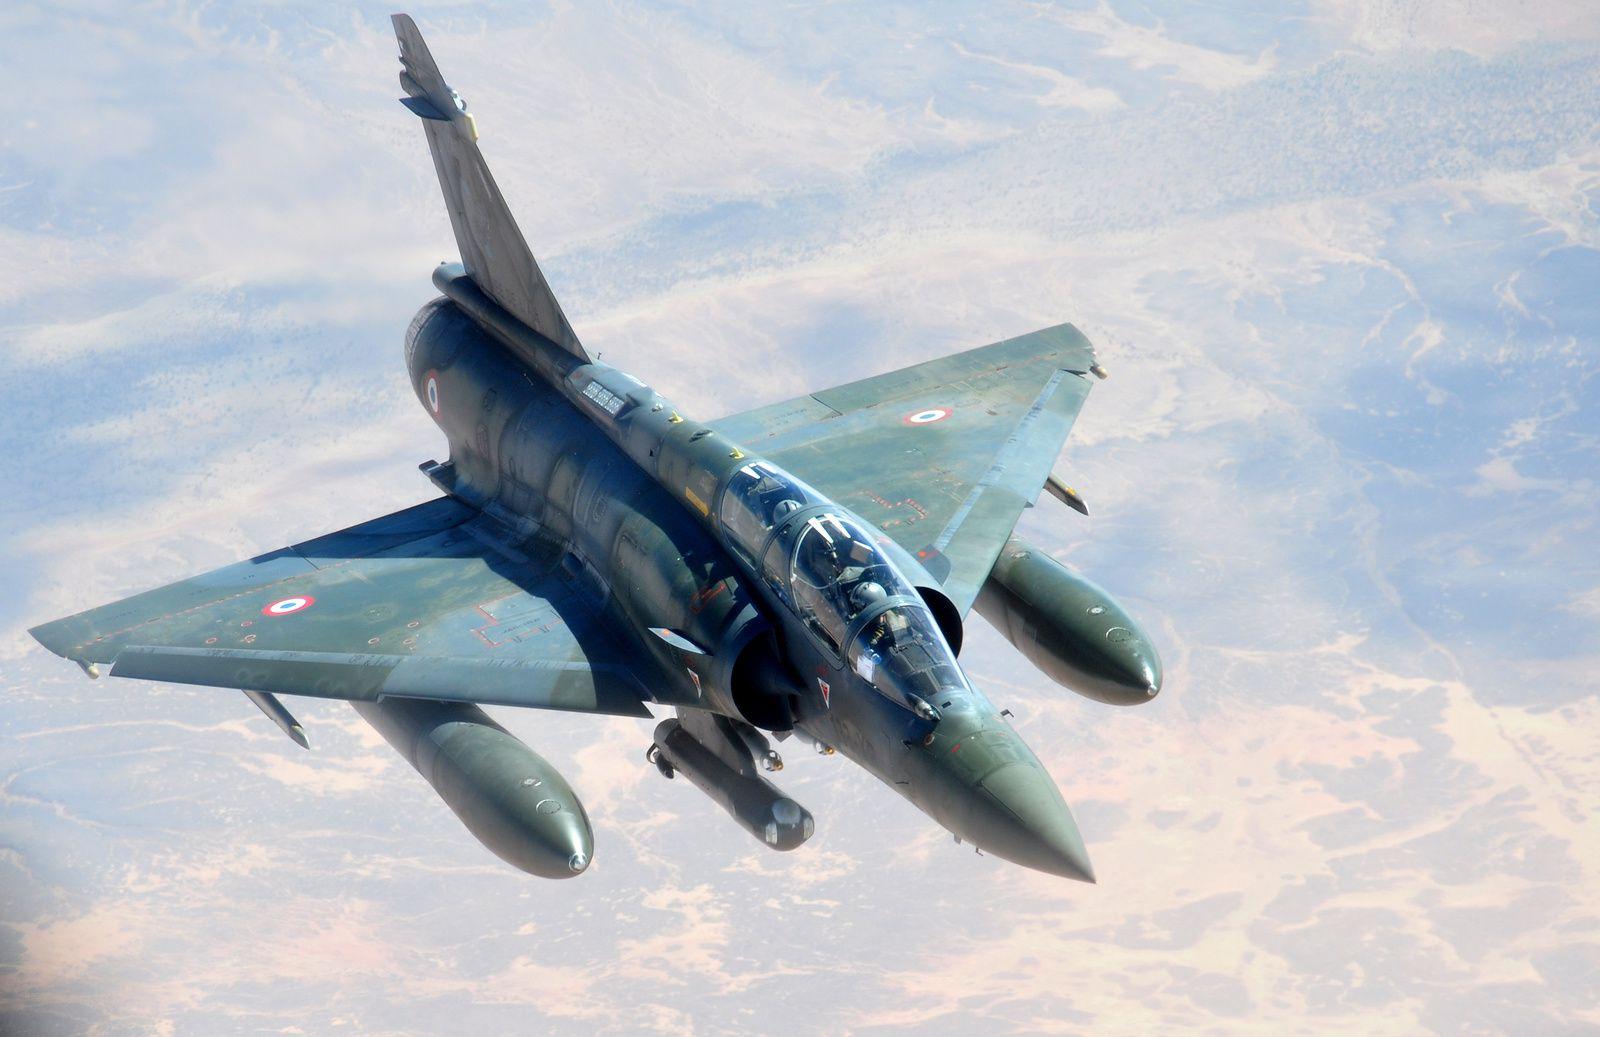 © USAF - Le Mirage 2000D, ici en mission au-dessus du Sahel, sera sans doute le principal bénéficiaire de cette nouvelle munition.